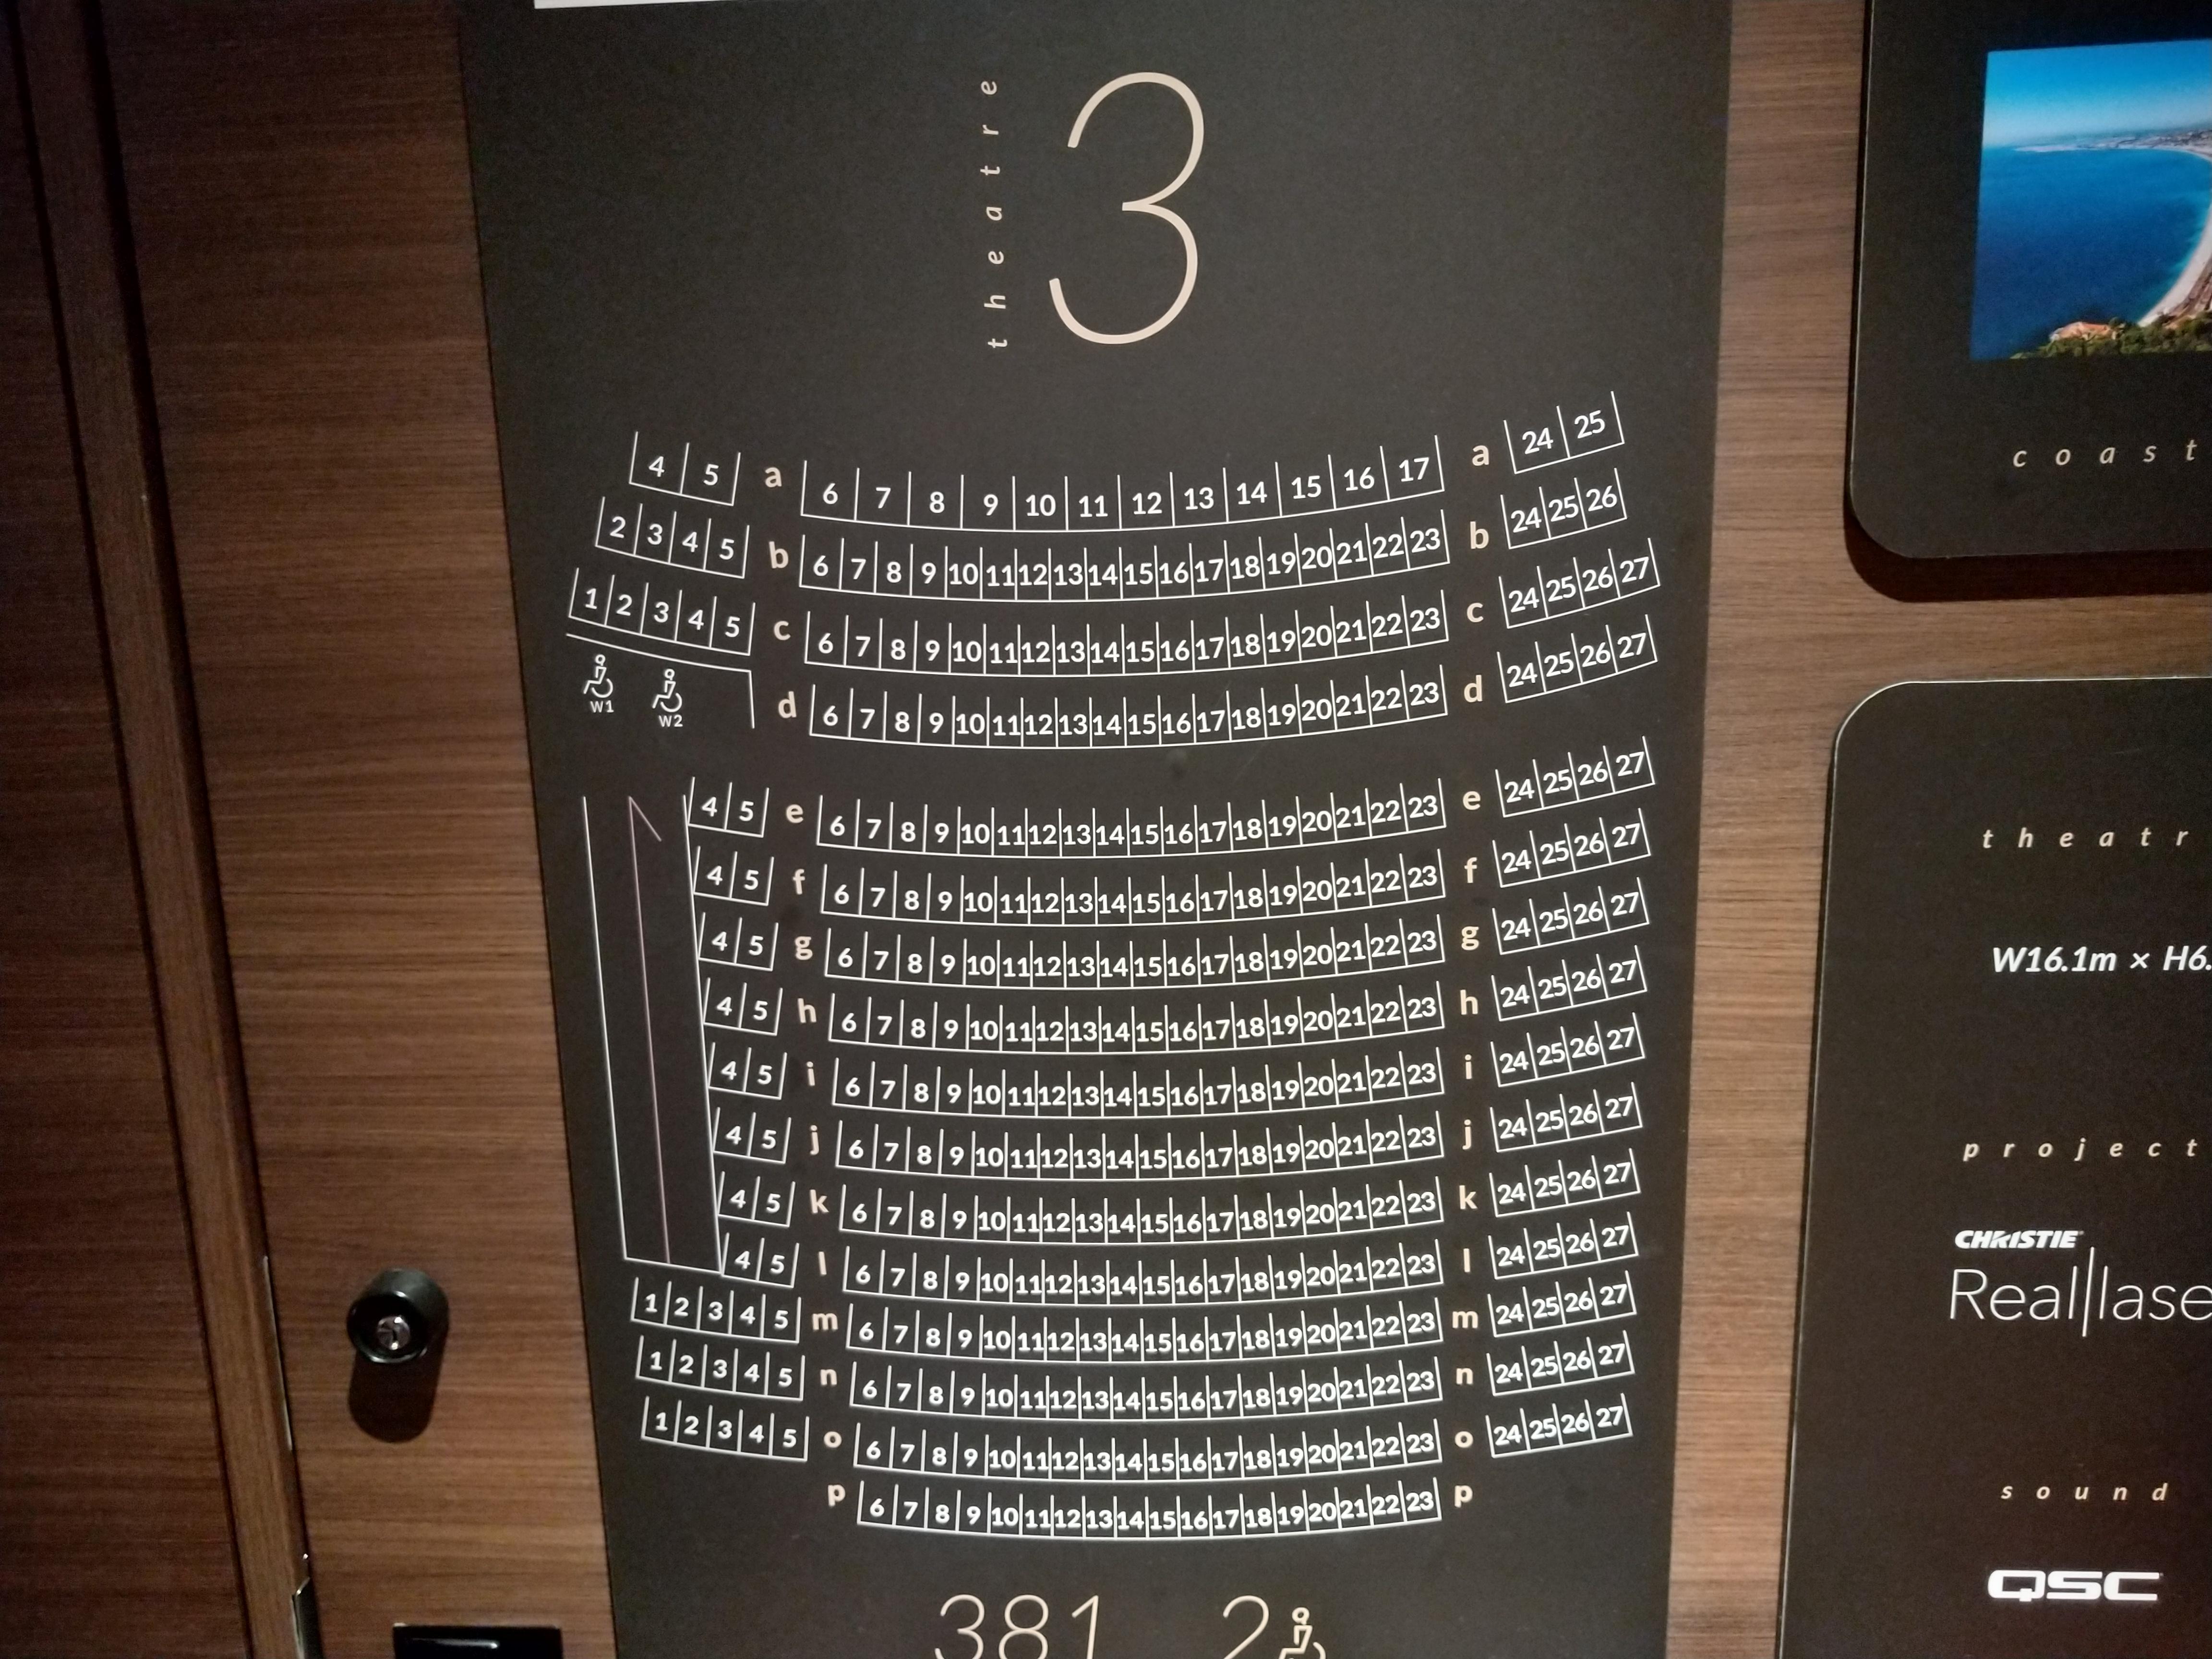 グランドシネマサンシャイン池袋の座席をフラットシートで鑑賞してみた キネマフリーク 年間150本の映画を観る男のおすすめ洋画ブログ